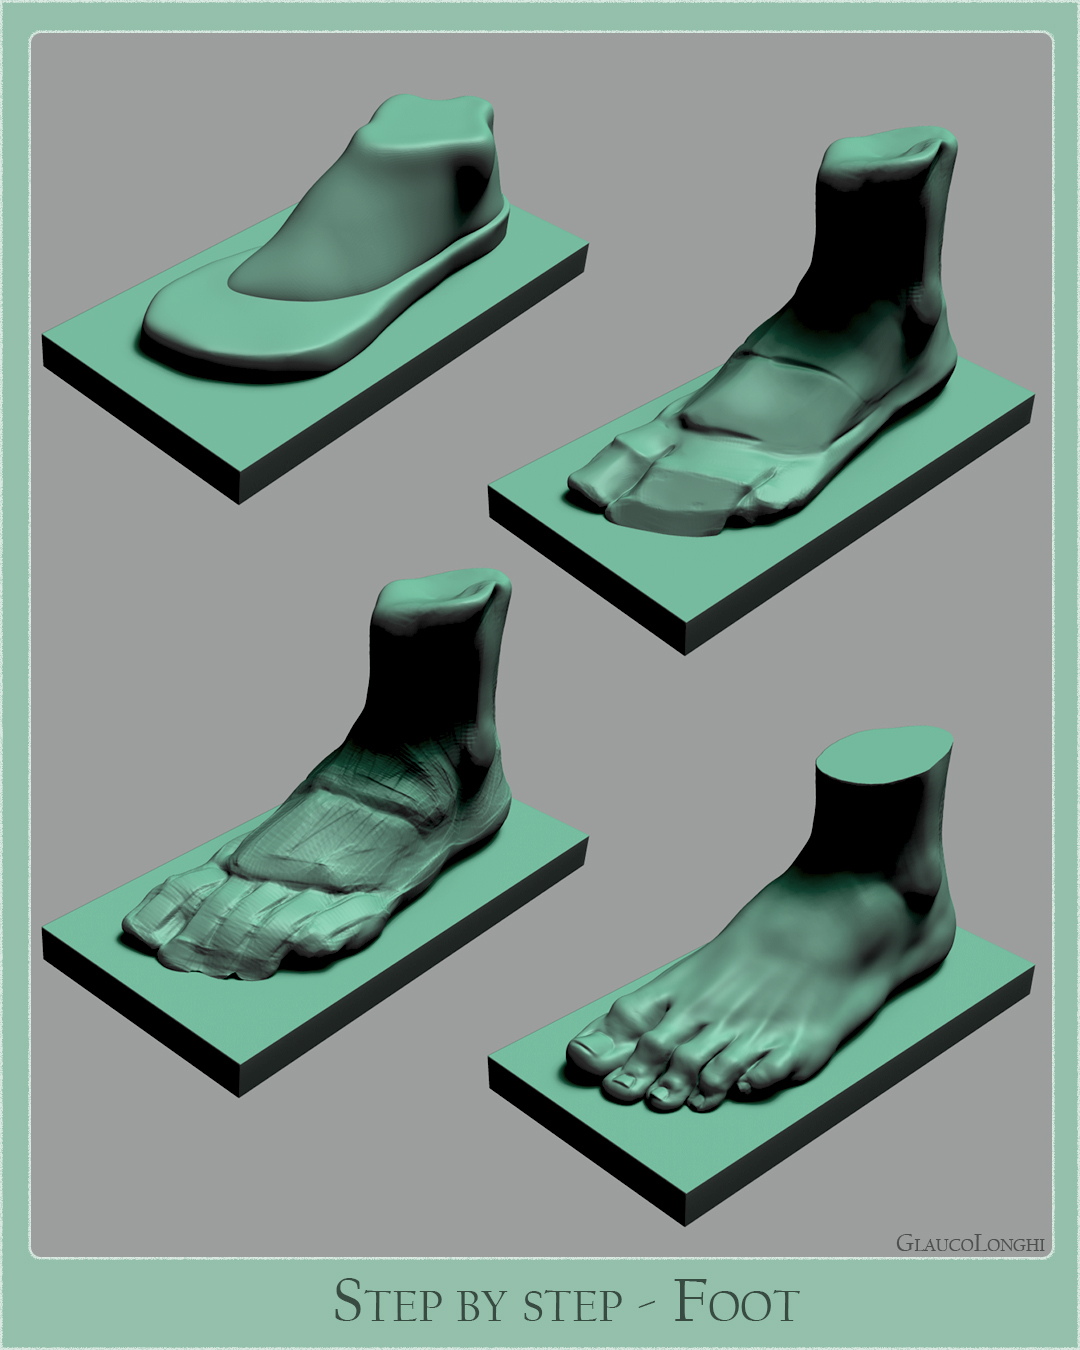 sbs_foot_007.jpg